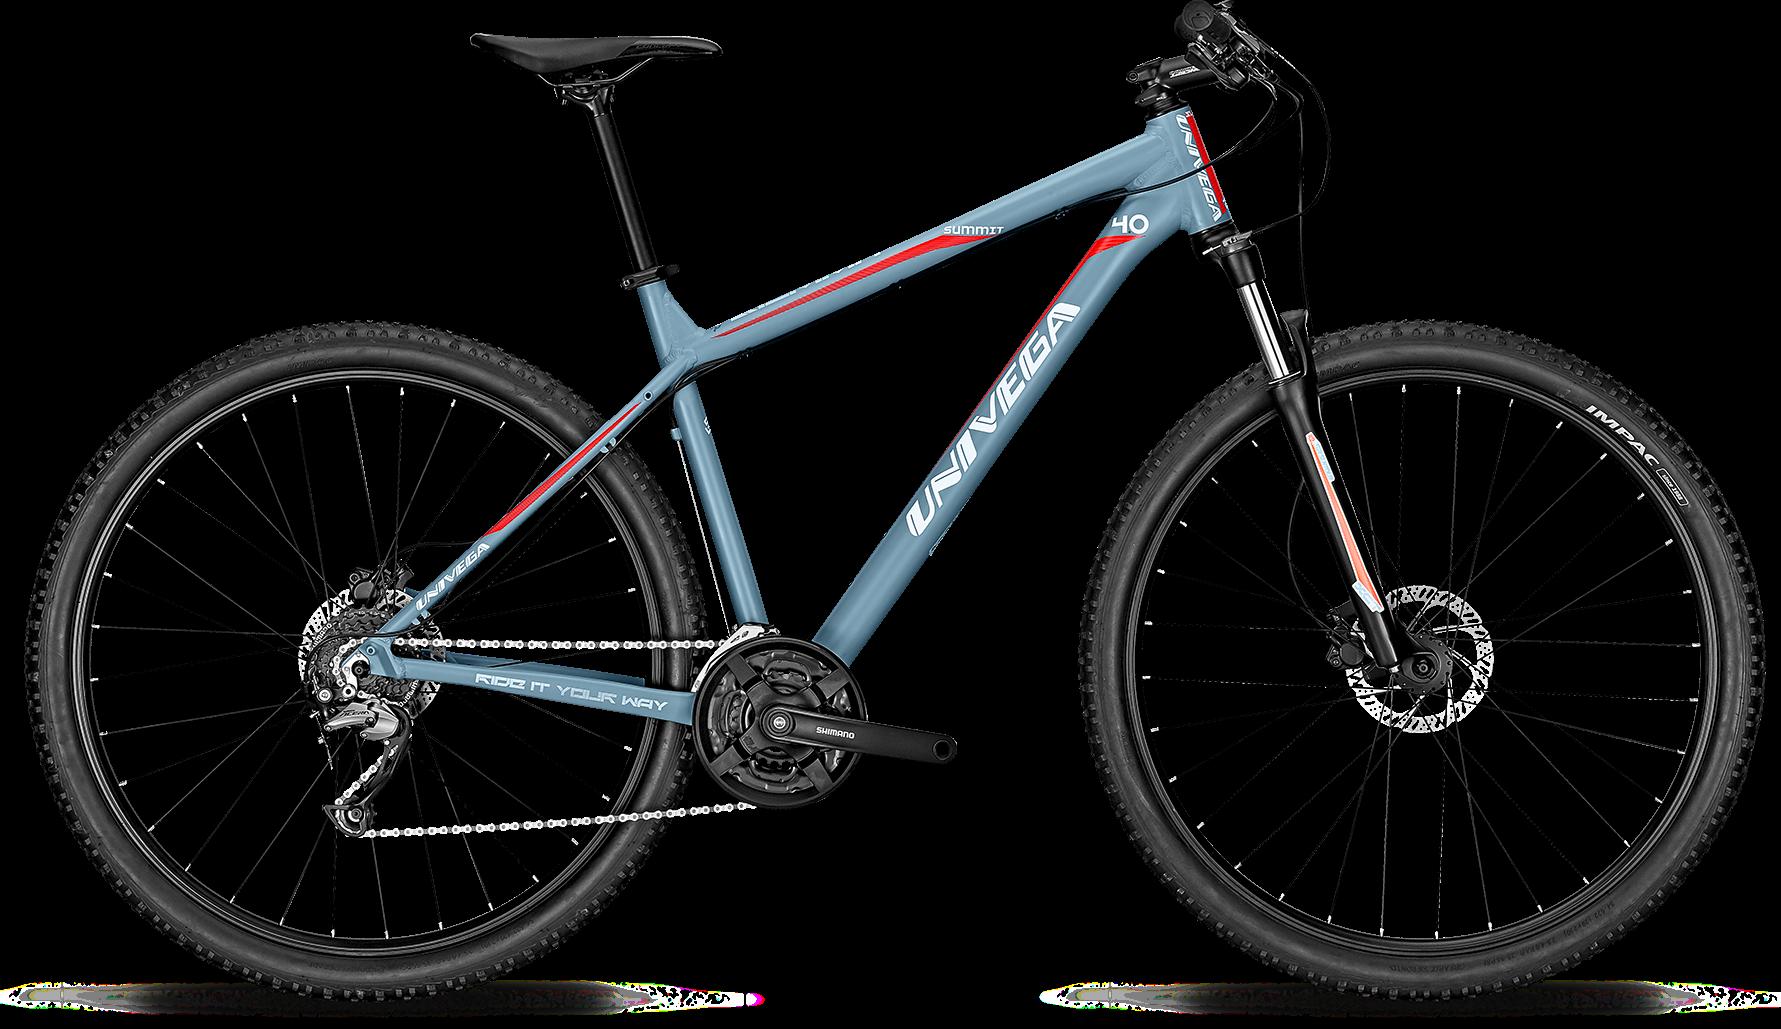 Велосипед UNIVEGA SUMMIT 4.0 2018 horizon blue matt, Велосипеды - арт. 1028580390